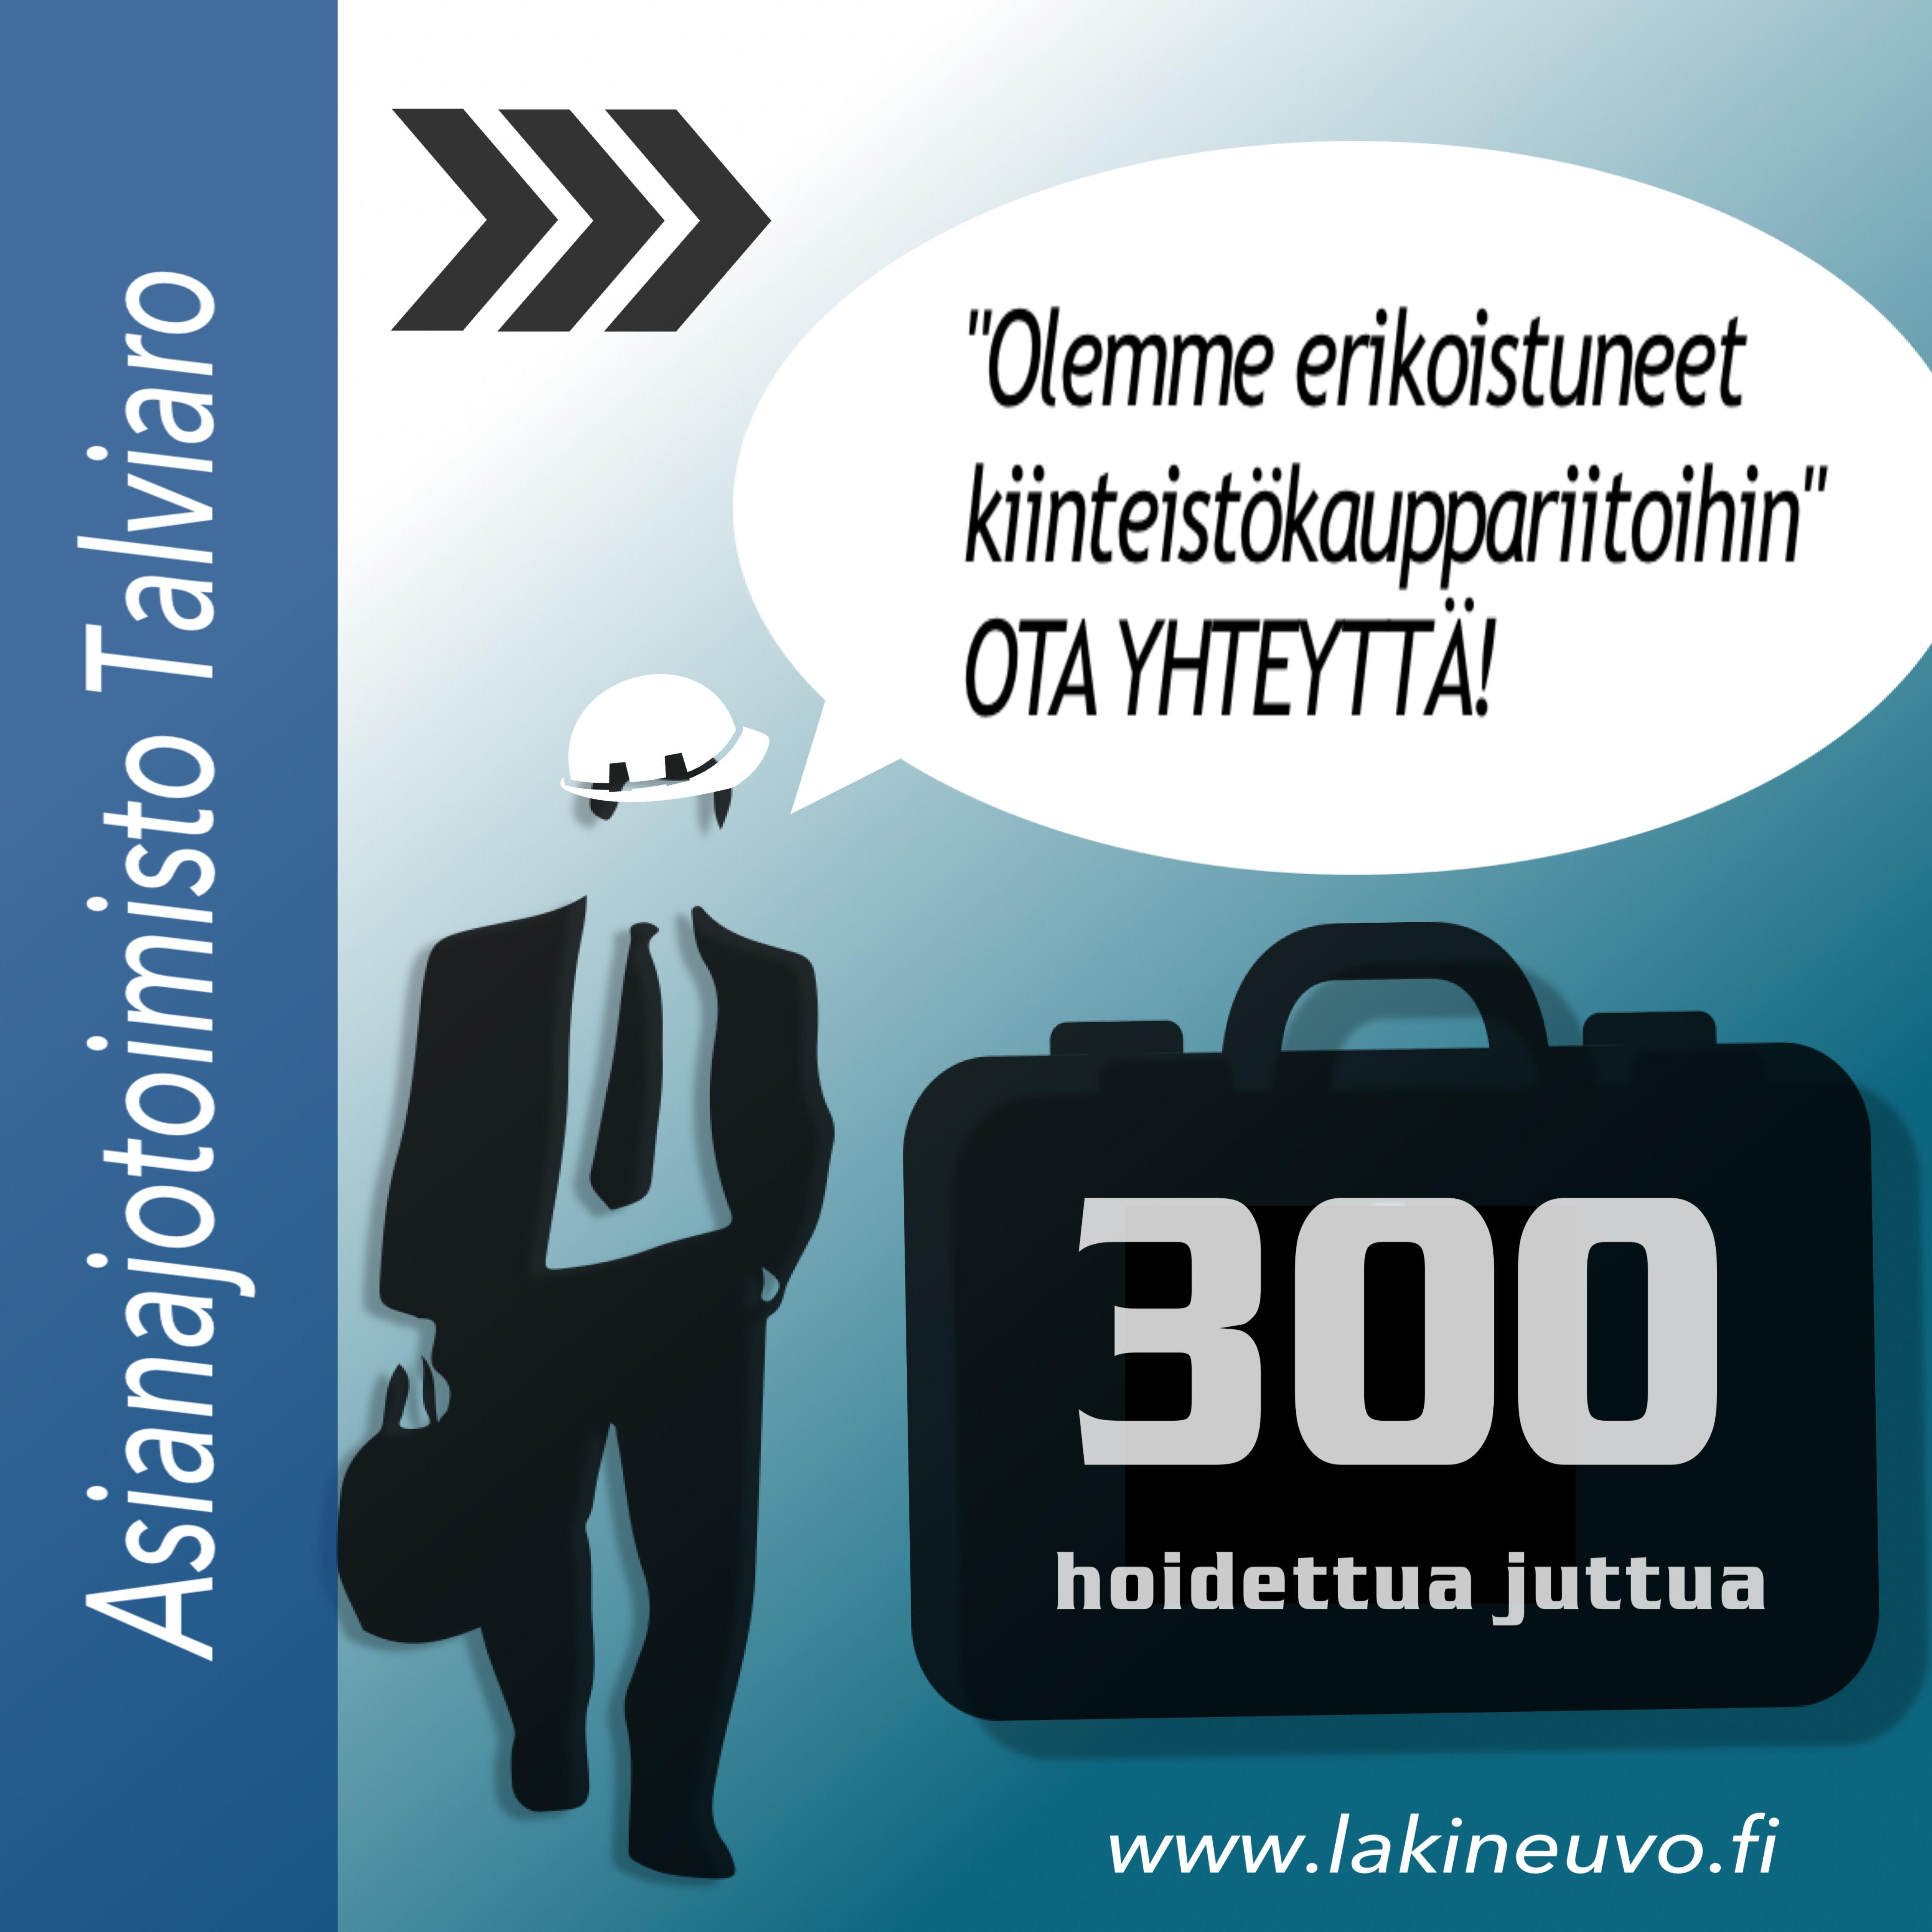 Asianajotoimisto Talviaro on hoitanut yli 300 kiinteistökauppa tai asuntokauppariitaa. Ota yhteyttä puh. 0600-41041